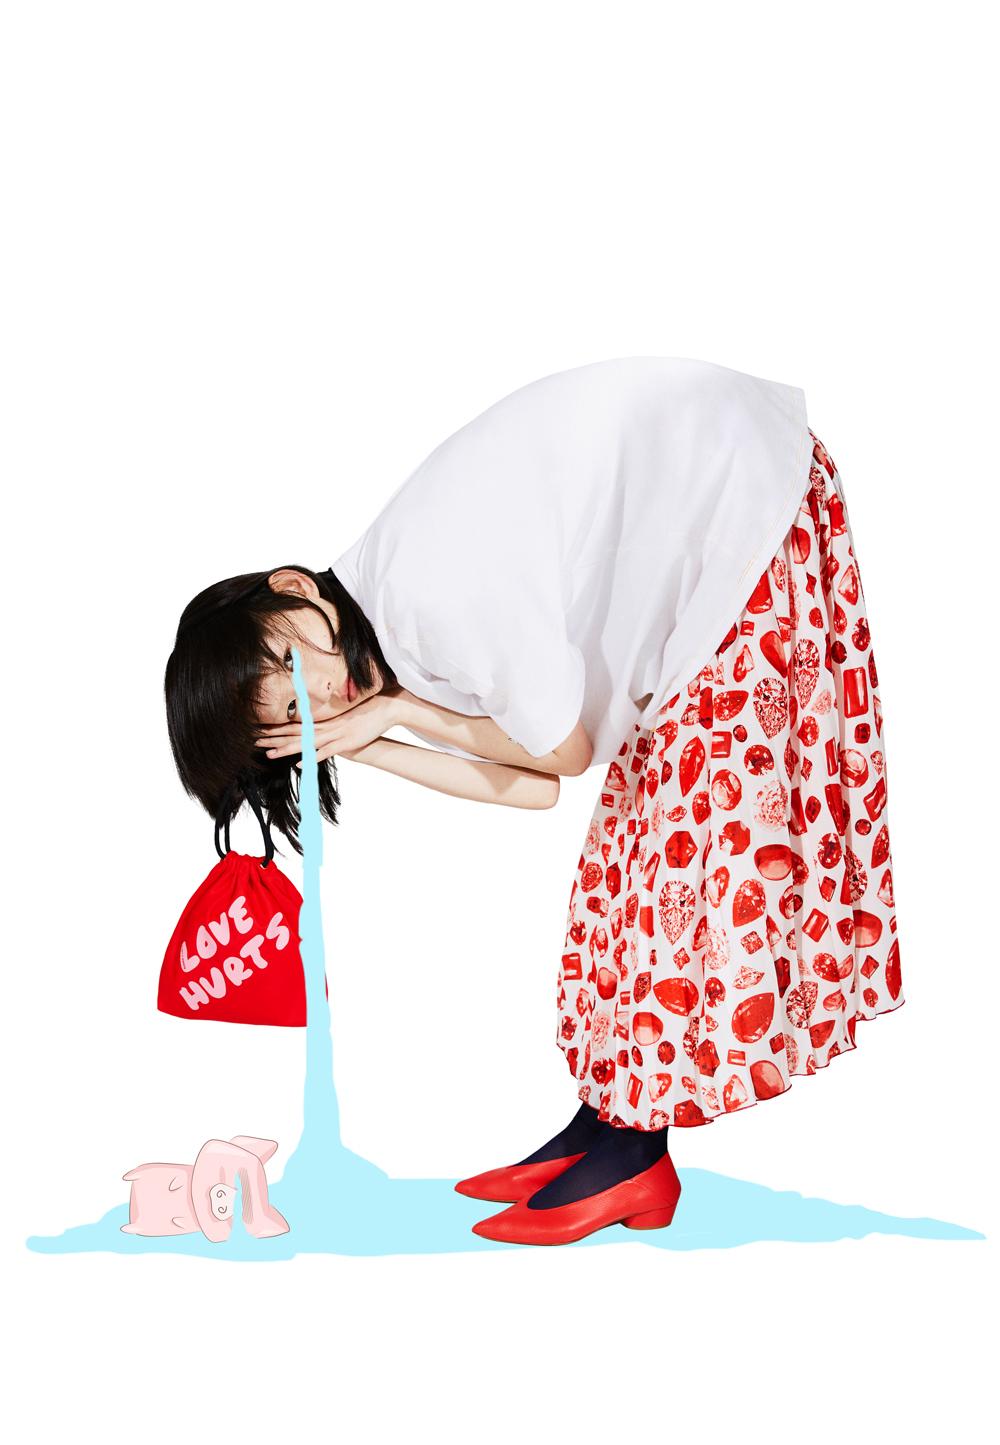 Pleated Valentine's Midi Skirt, $273